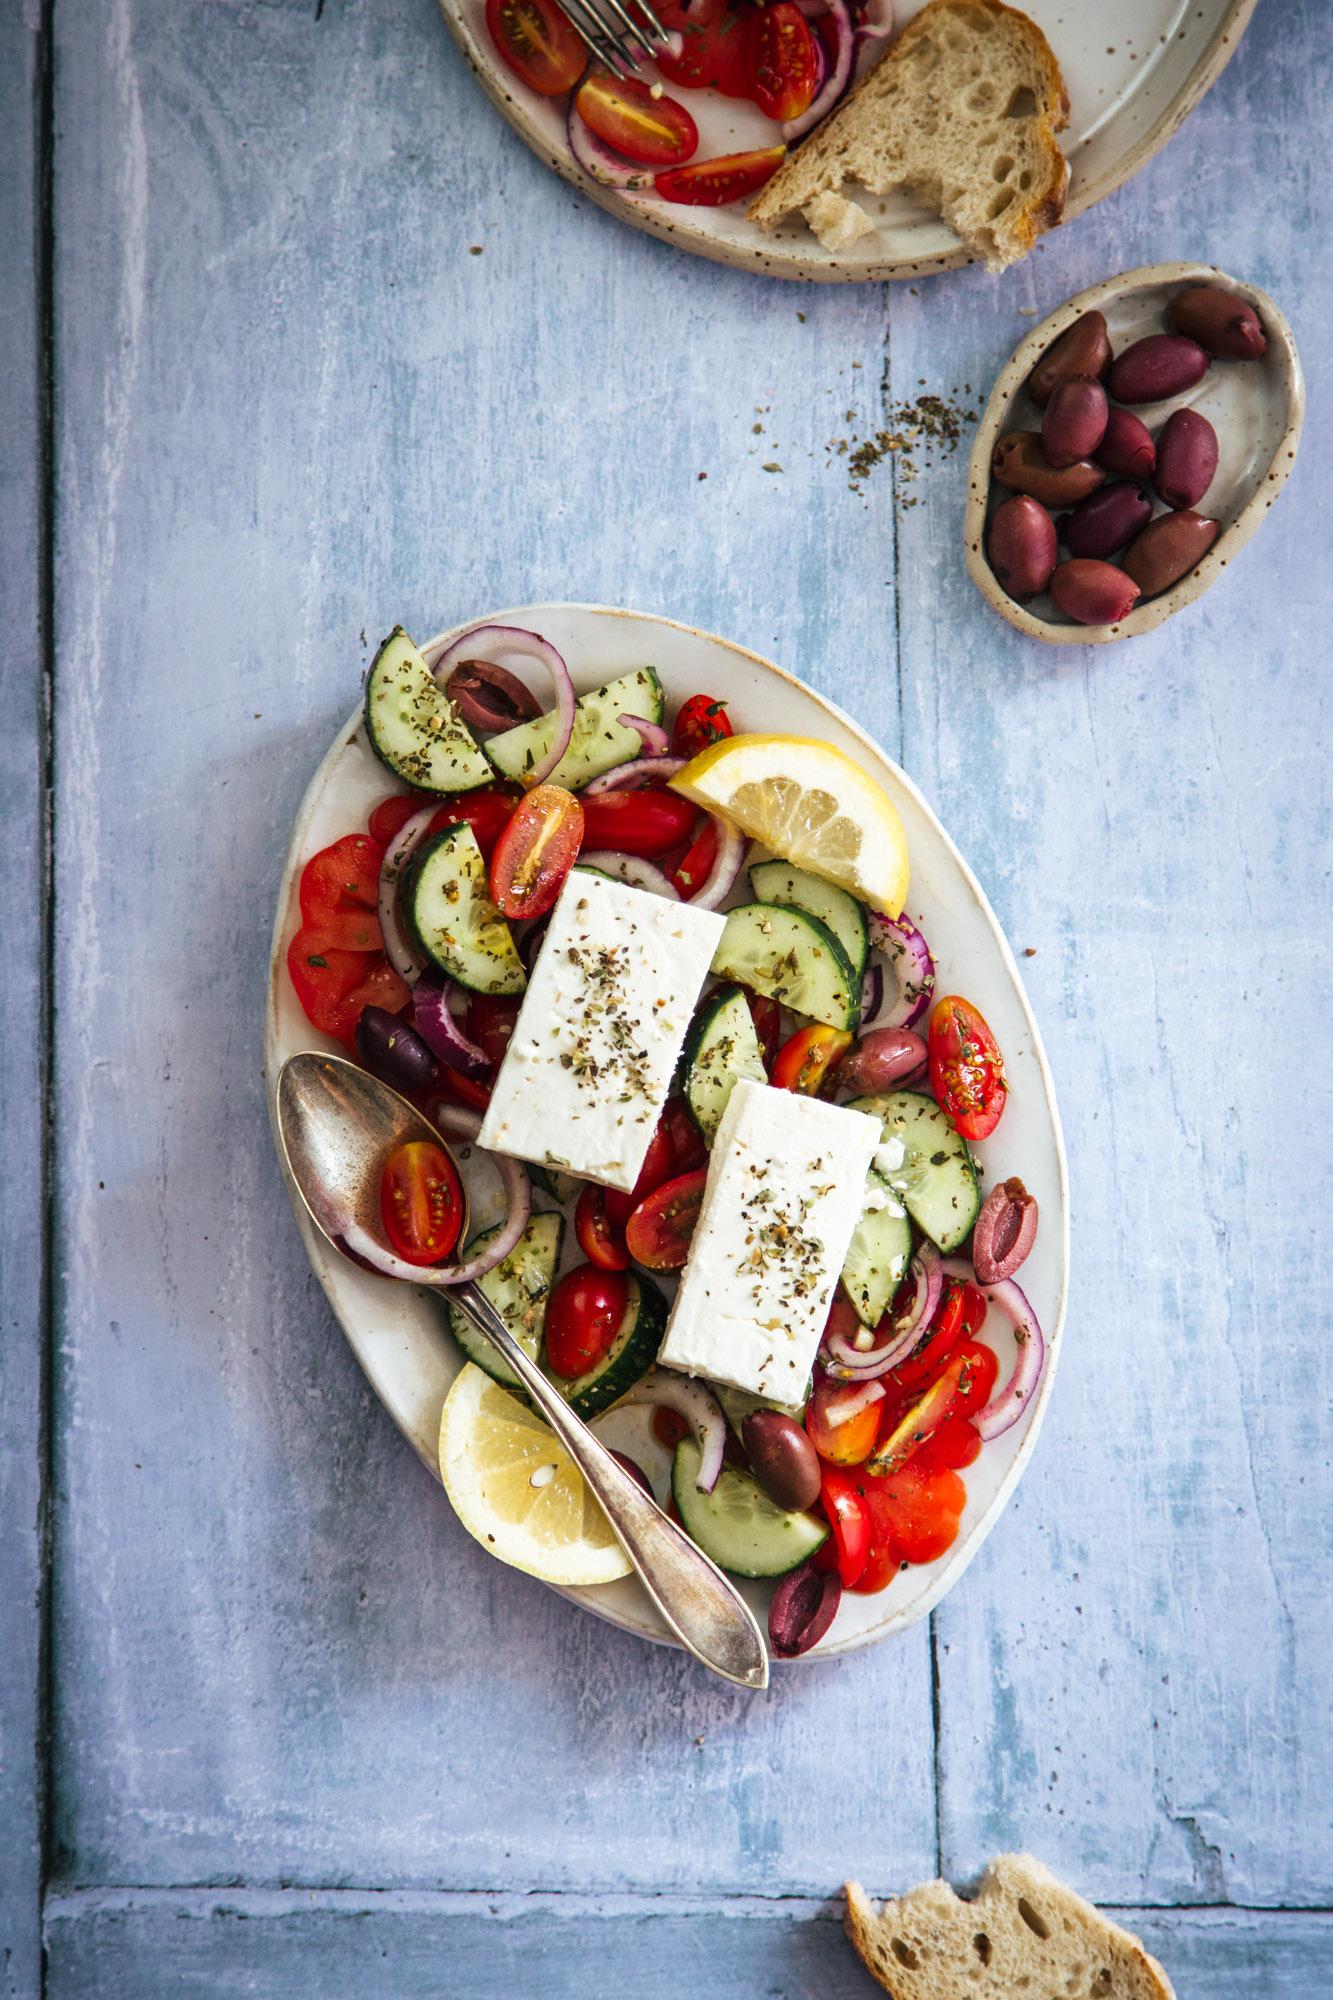 kreikkalainen salaatti lautasella